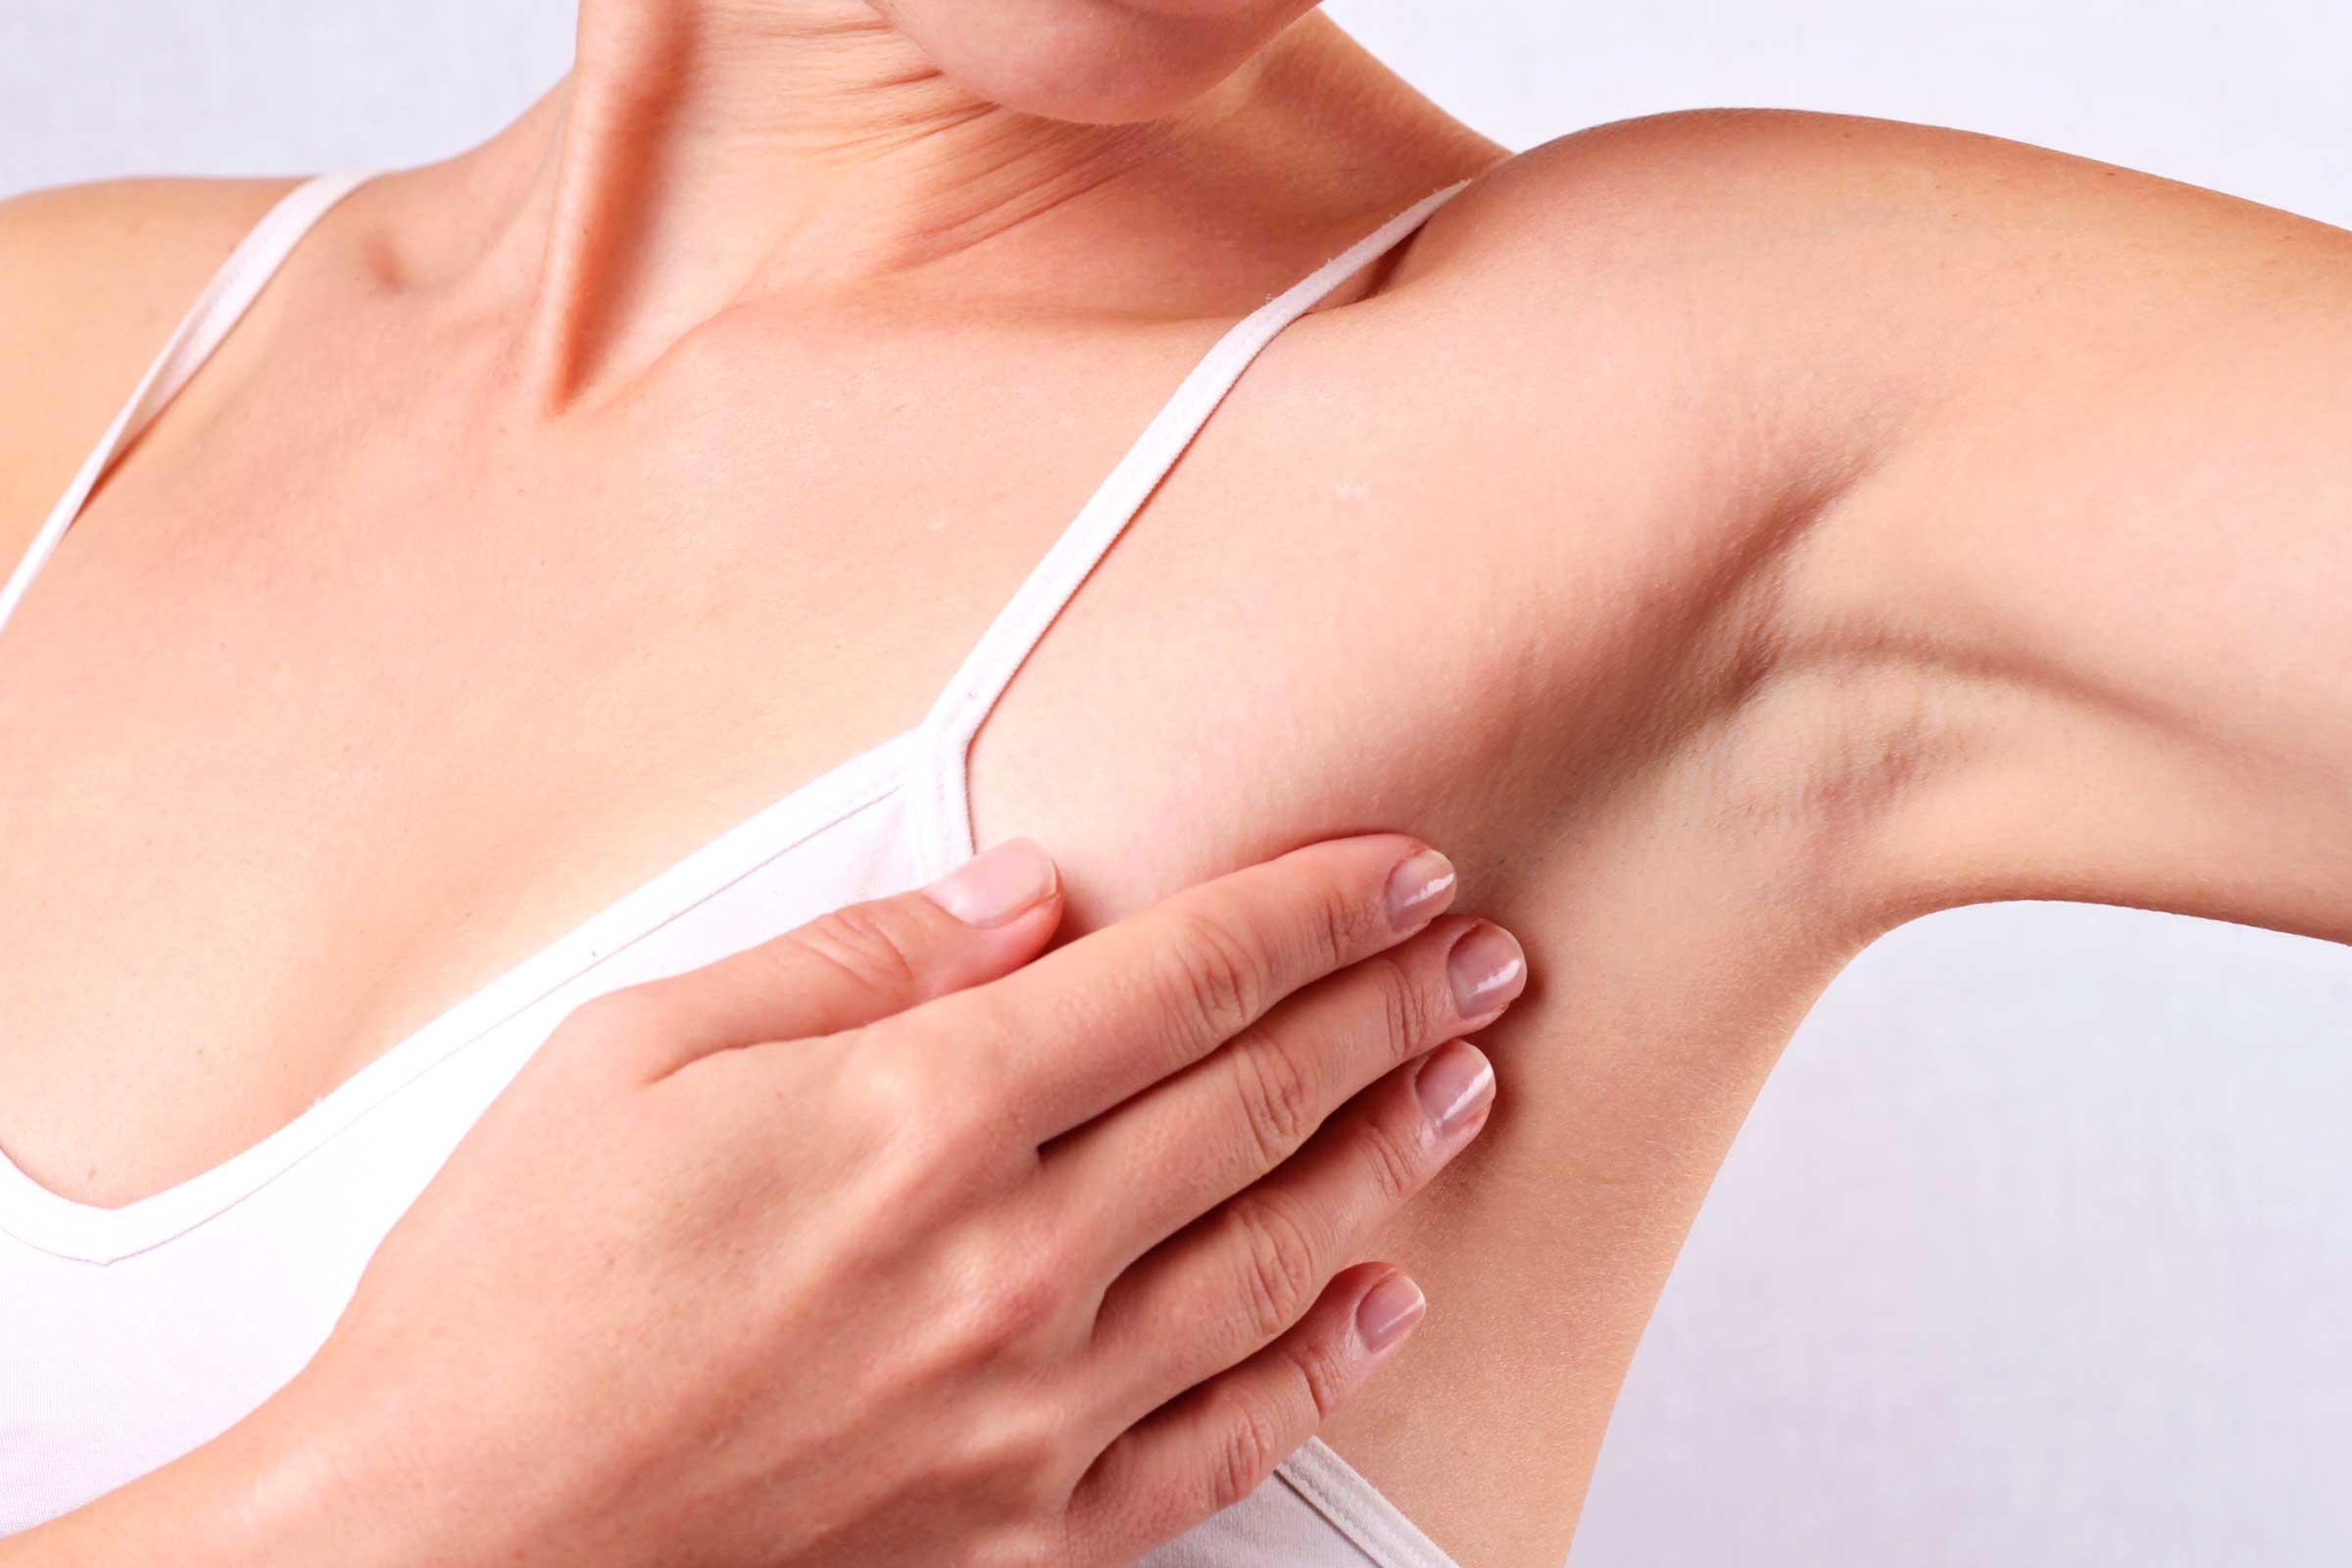 Investigadores españoles descubren un importante hallazgo contra el cáncer de mama